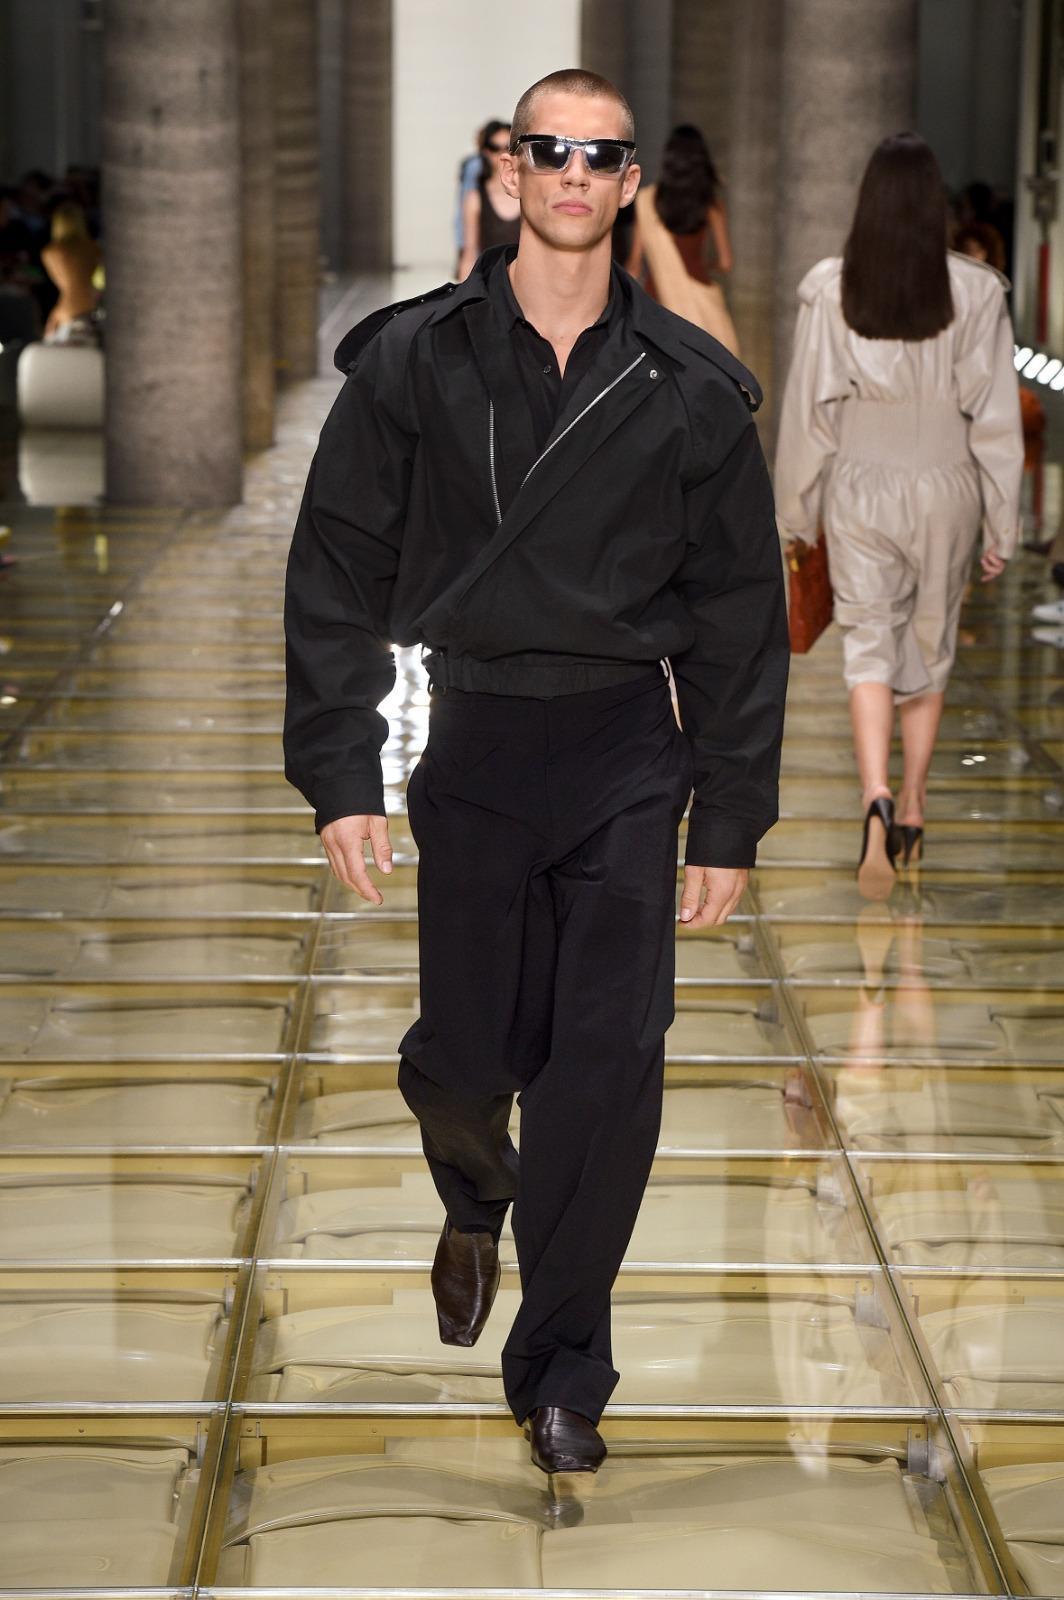 米蘭時裝週上,男模走秀石及穿著這件科技圖層棉料擋風夾克,NT$66,700。(Bottega Veneta提供)